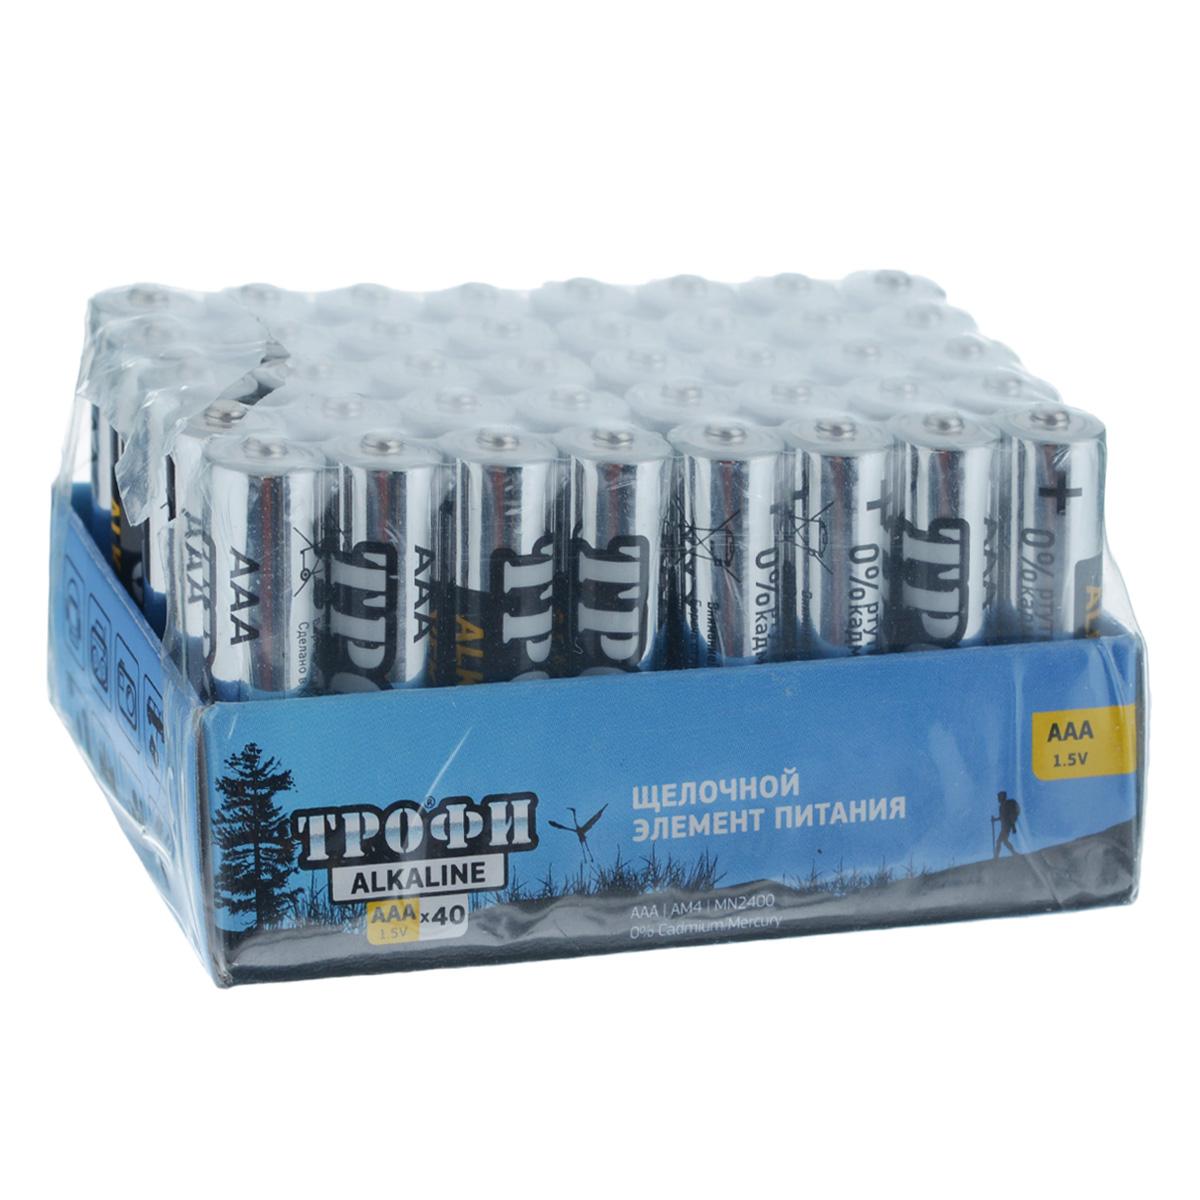 Батарейка алкалиновая Трофи, тип AAA (LR03), 1,5В, 40 штLR03-40BLЩелочные (алкалиновые) батарейки Трофи оптимально подходят дляповседневного питания множества современных бытовых приборов: электронныхигрушек, фонарей, беспроводной компьютерной периферии и многого другого. Не содержат кадмия и ртути. Батарейки созданы для устройств со средним и высоким потреблением энергии. Работают в 10 раз дольше, чем обычные солевые элементы питания.Размер батарейки: 1 см х 4,1 см. Комплектация: 40 шт.УВАЖАЕМЫЕ КЛИЕНТЫ!Обращаем ваше внимание на возможные изменения в дизайне товара, связанные с ассортиментом продукции. Поставка осуществляется в зависимости от наличия на складе.